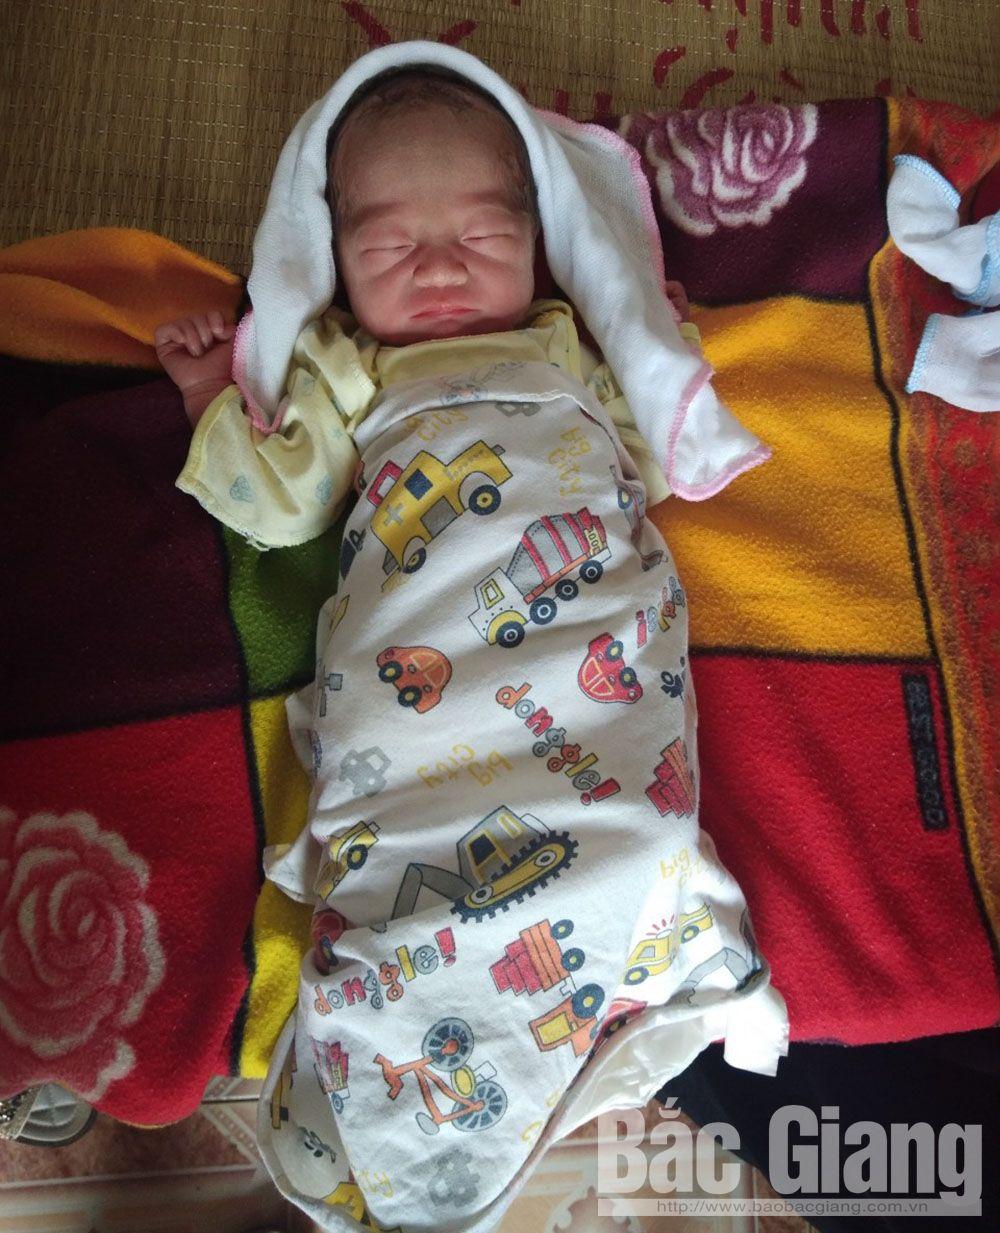 Bắc Giang, bé gái bị bỏ rơi ở thôn Tây, xã Tiên Lục